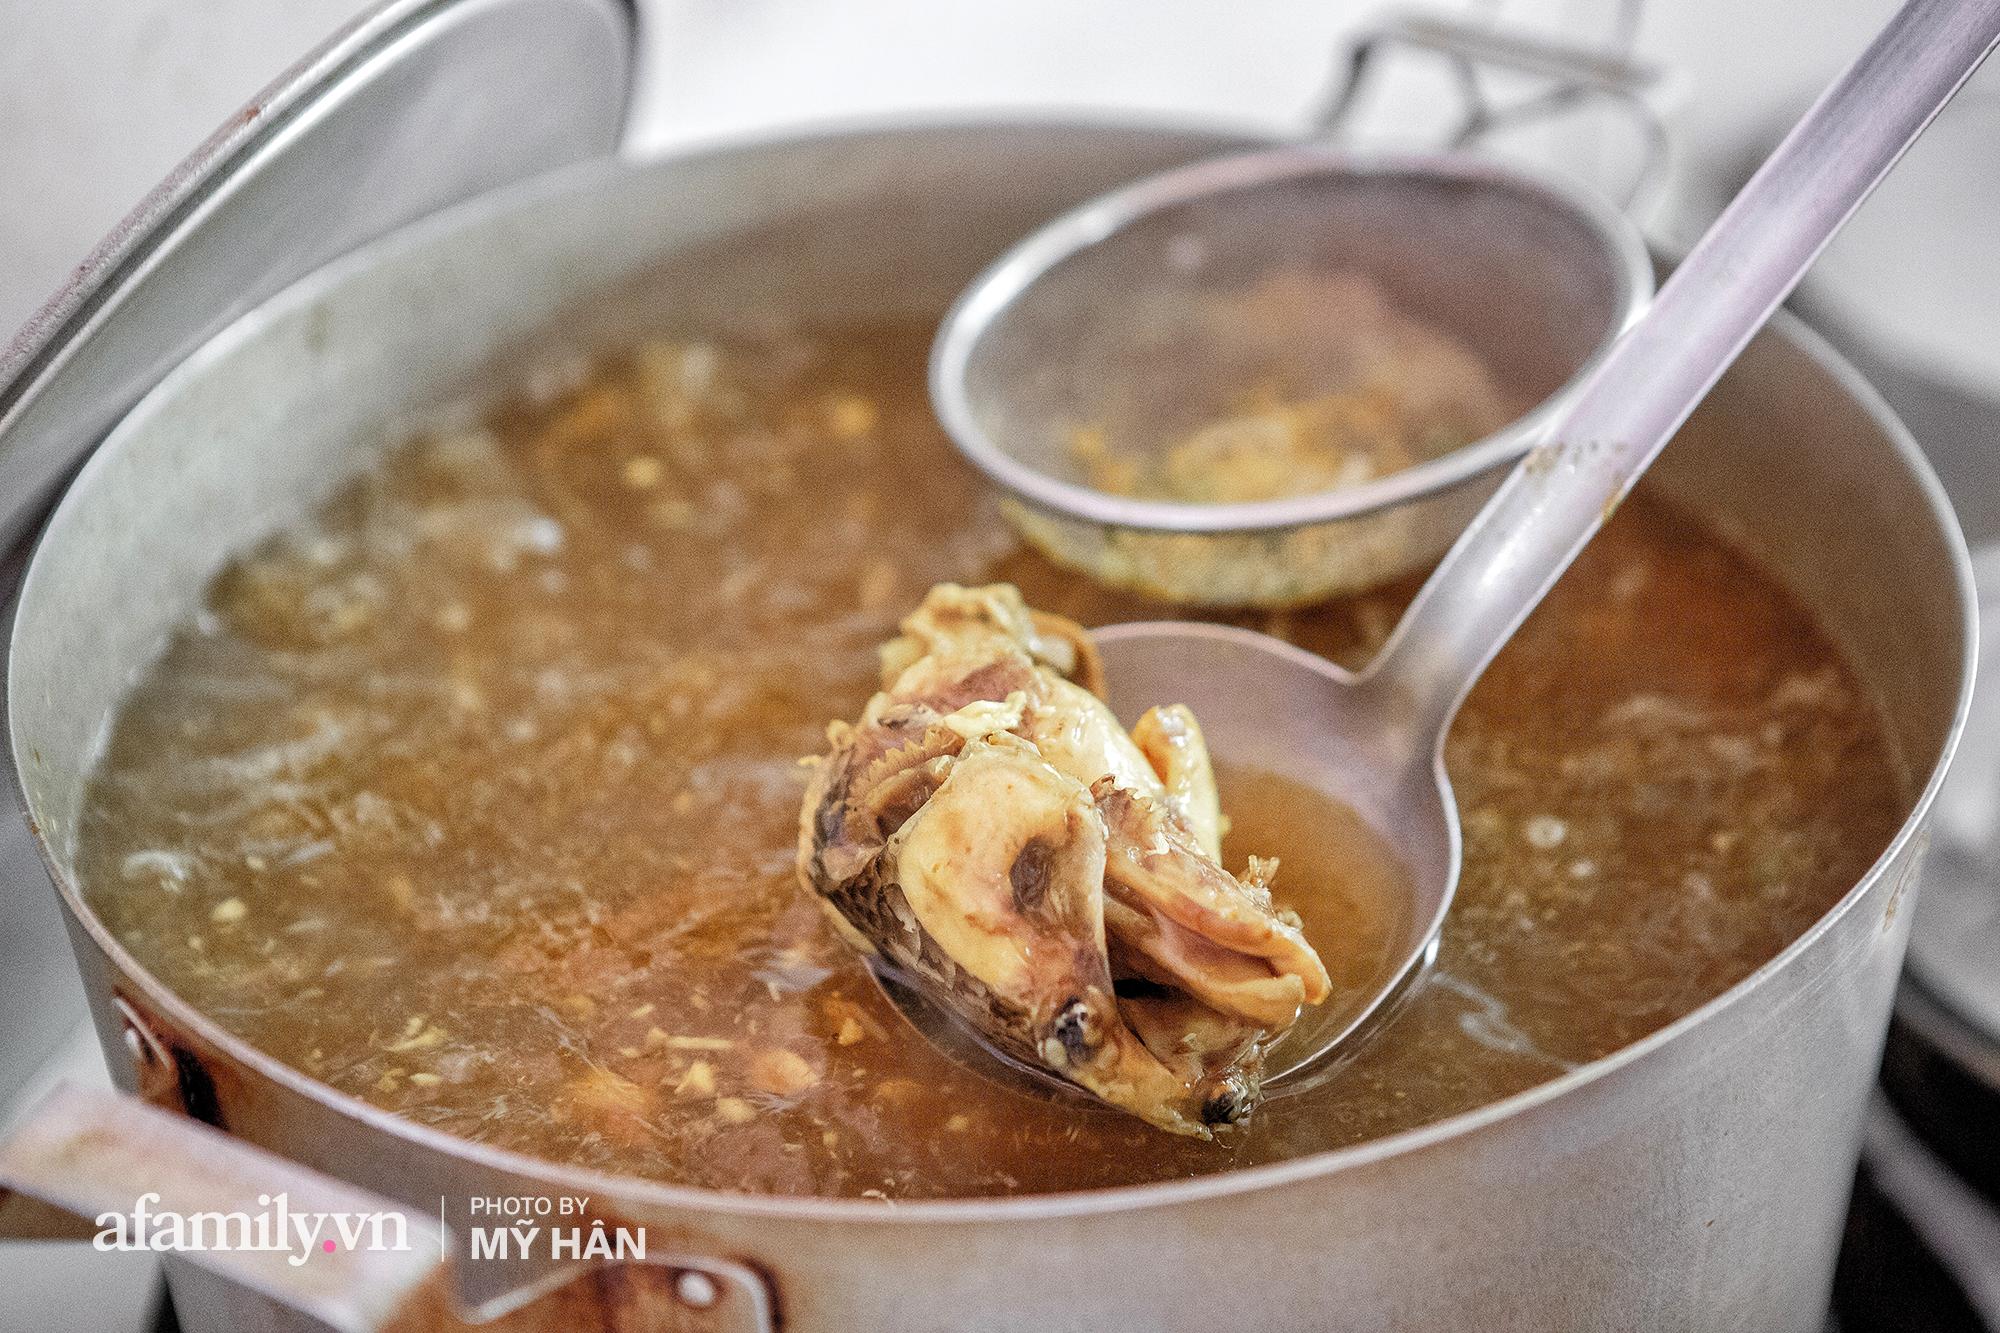 Không phải đầu bếp, nhưng hai thầy cô giáo ở miền Tây đã làm nên món ăn được xác lập kỷ lục 50 món đặc sản nổi tiếng nhất Việt Nam, bất ngờ về người nắm giữ công thức bí mật! - Ảnh 5.